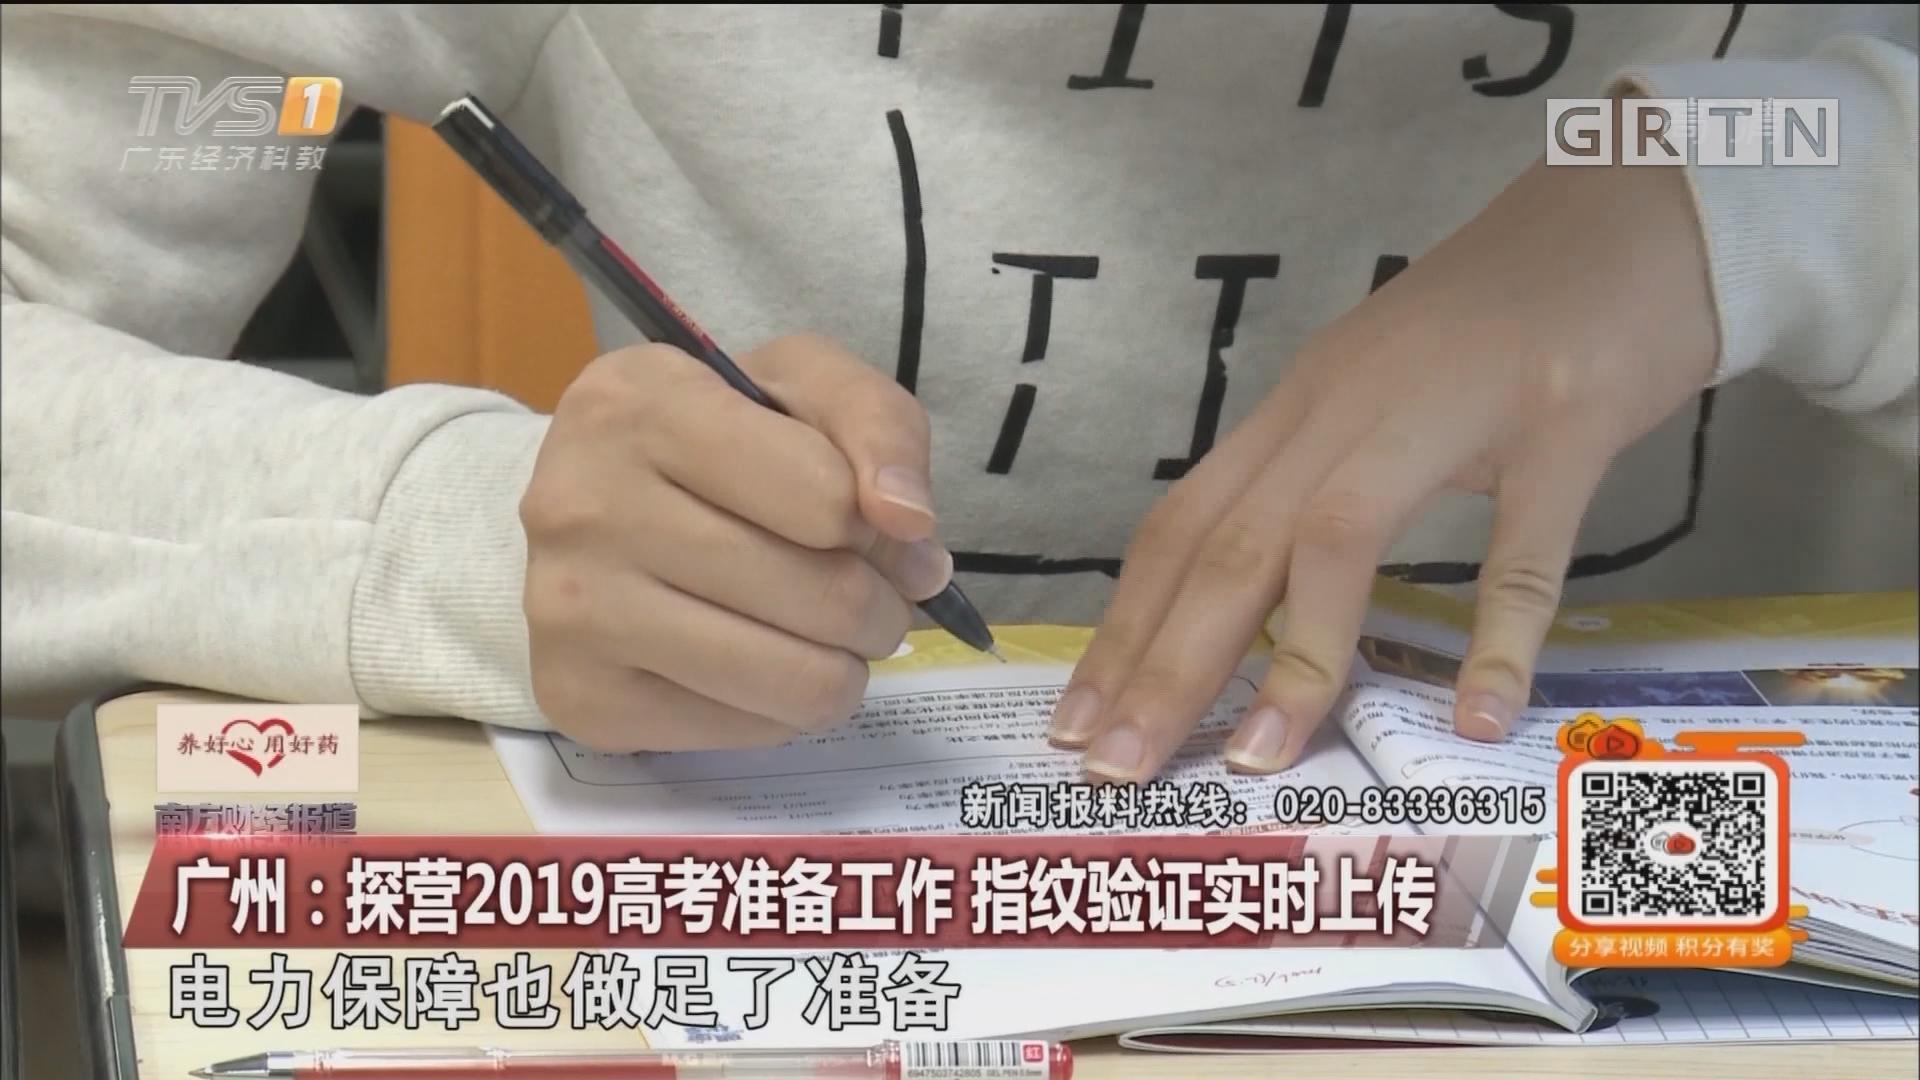 广州:探营2019高考准备工作 指纹验证实时上传